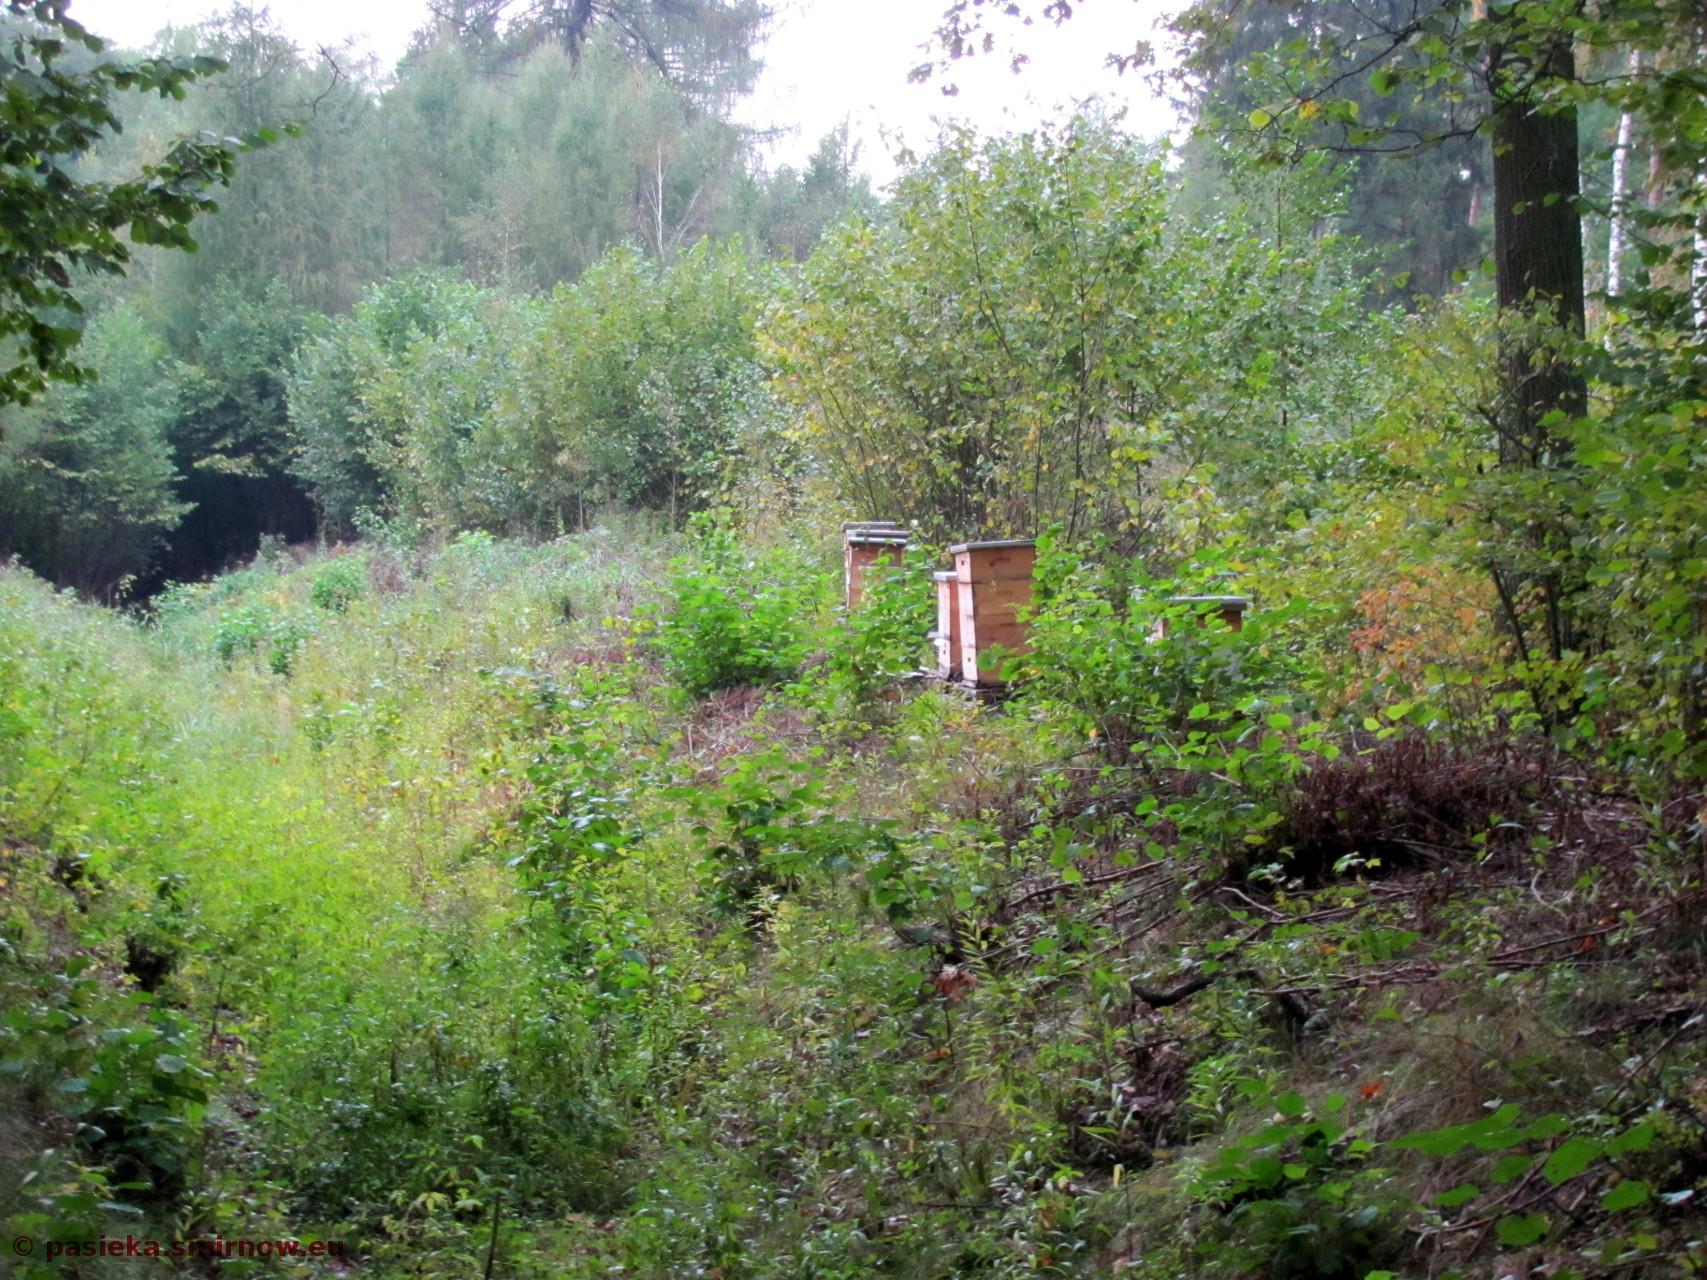 Widok na Y06 Baza pod koniec września, po zakończeniu prac z pszczołami